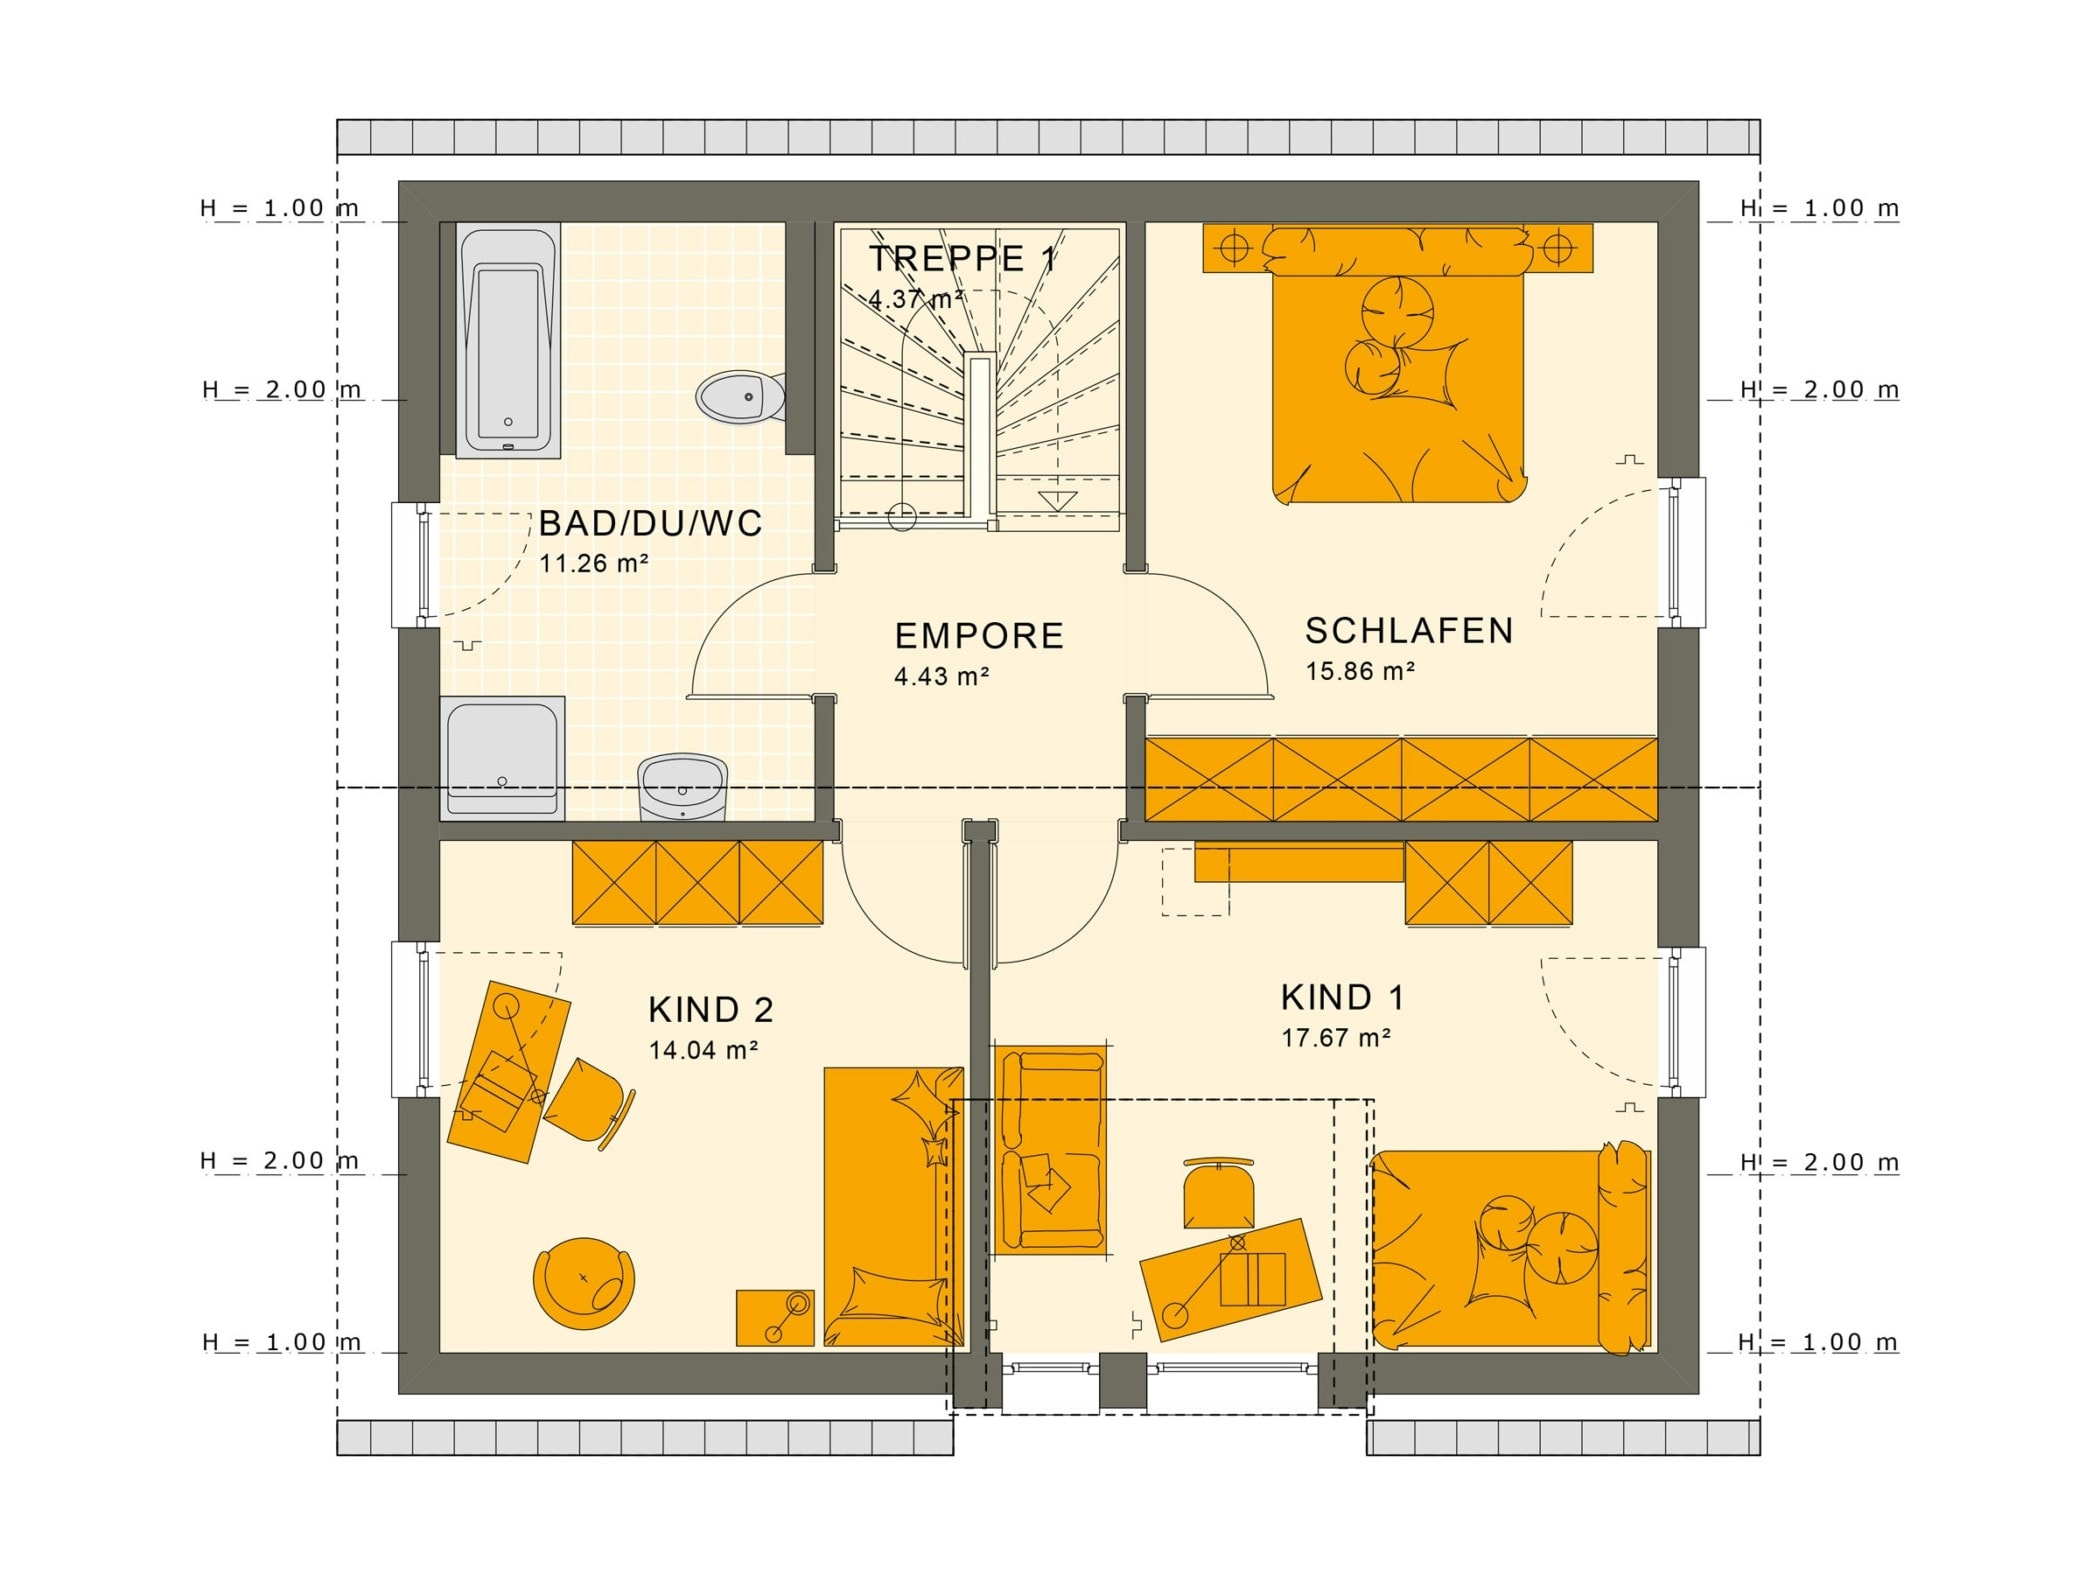 Grundriss Einfamilienhaus Obergeschoss mit Satteldach & Zwerchgiebel - Fertighaus Living Haus SUNSHINE 136 V2 - HausbauDirekt.de